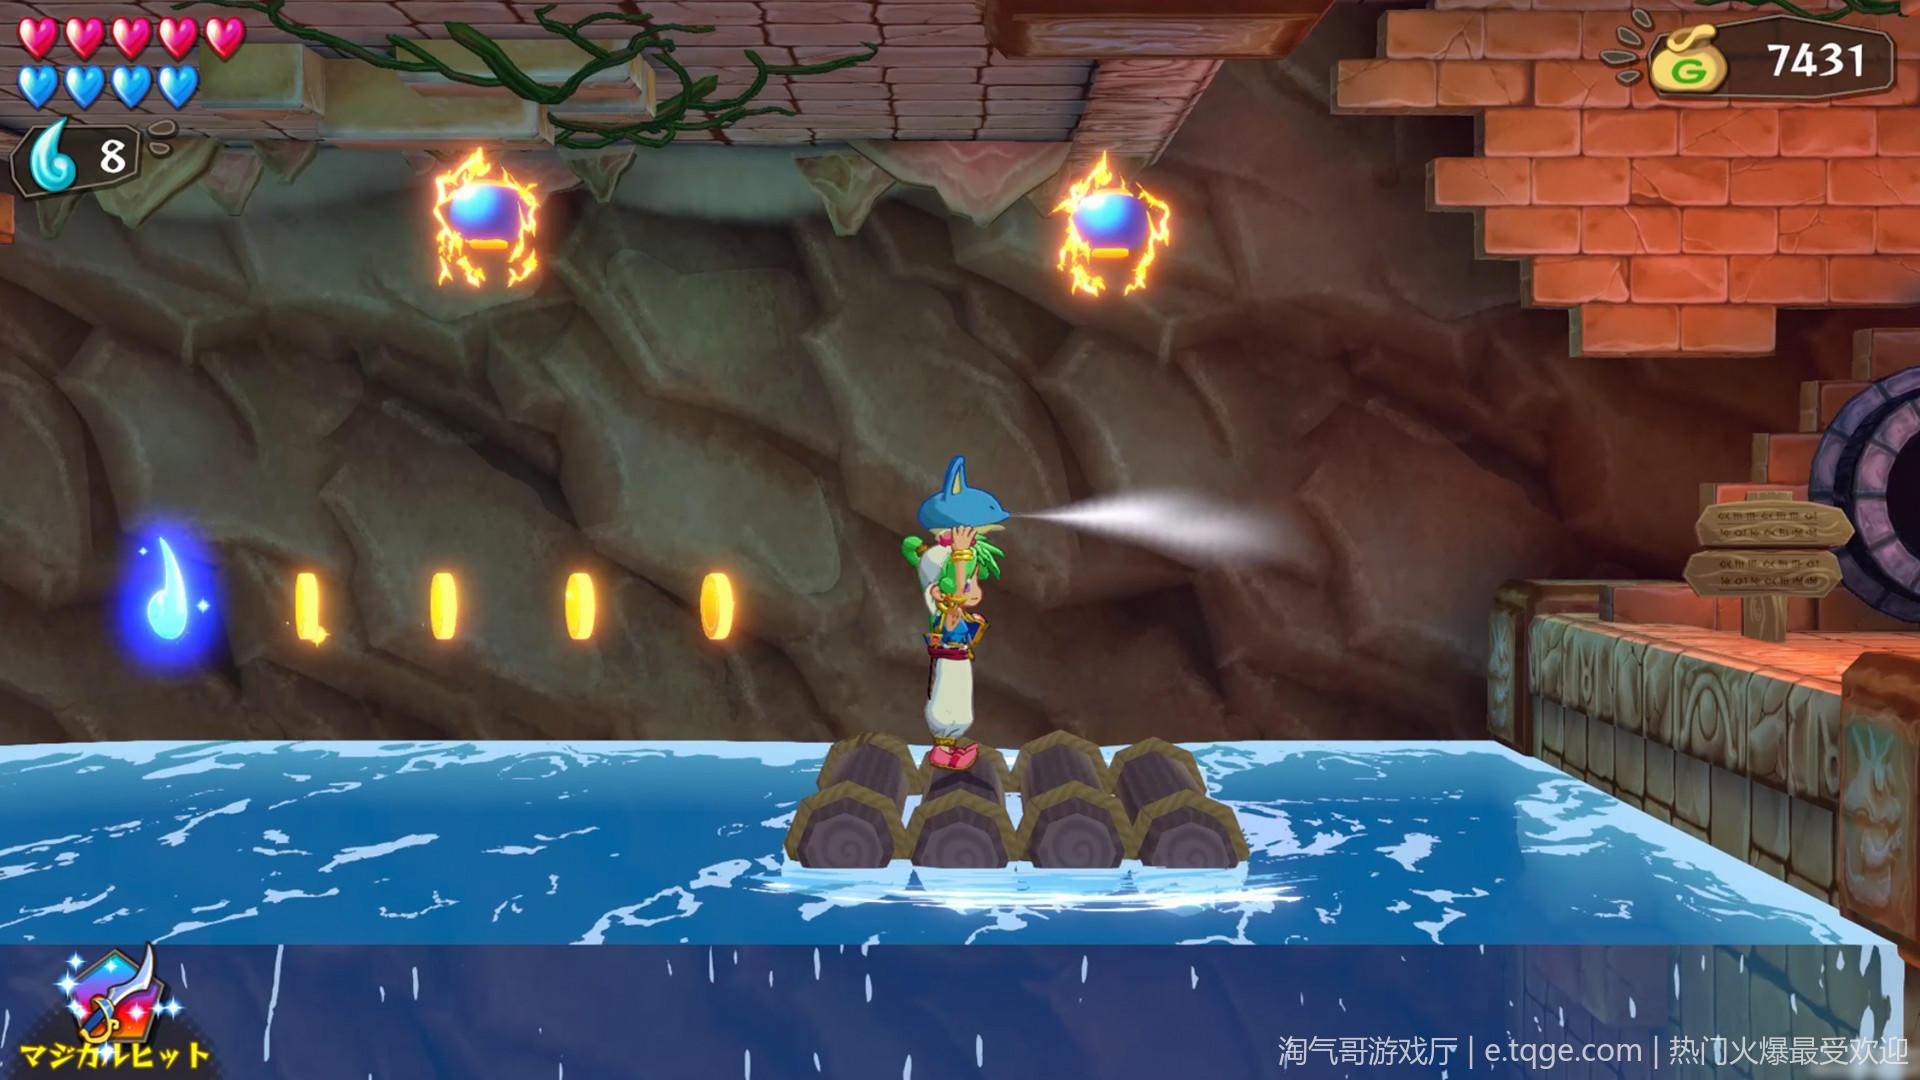 神奇男孩:阿莎的怪物世界冒险 动作冒险 第4张